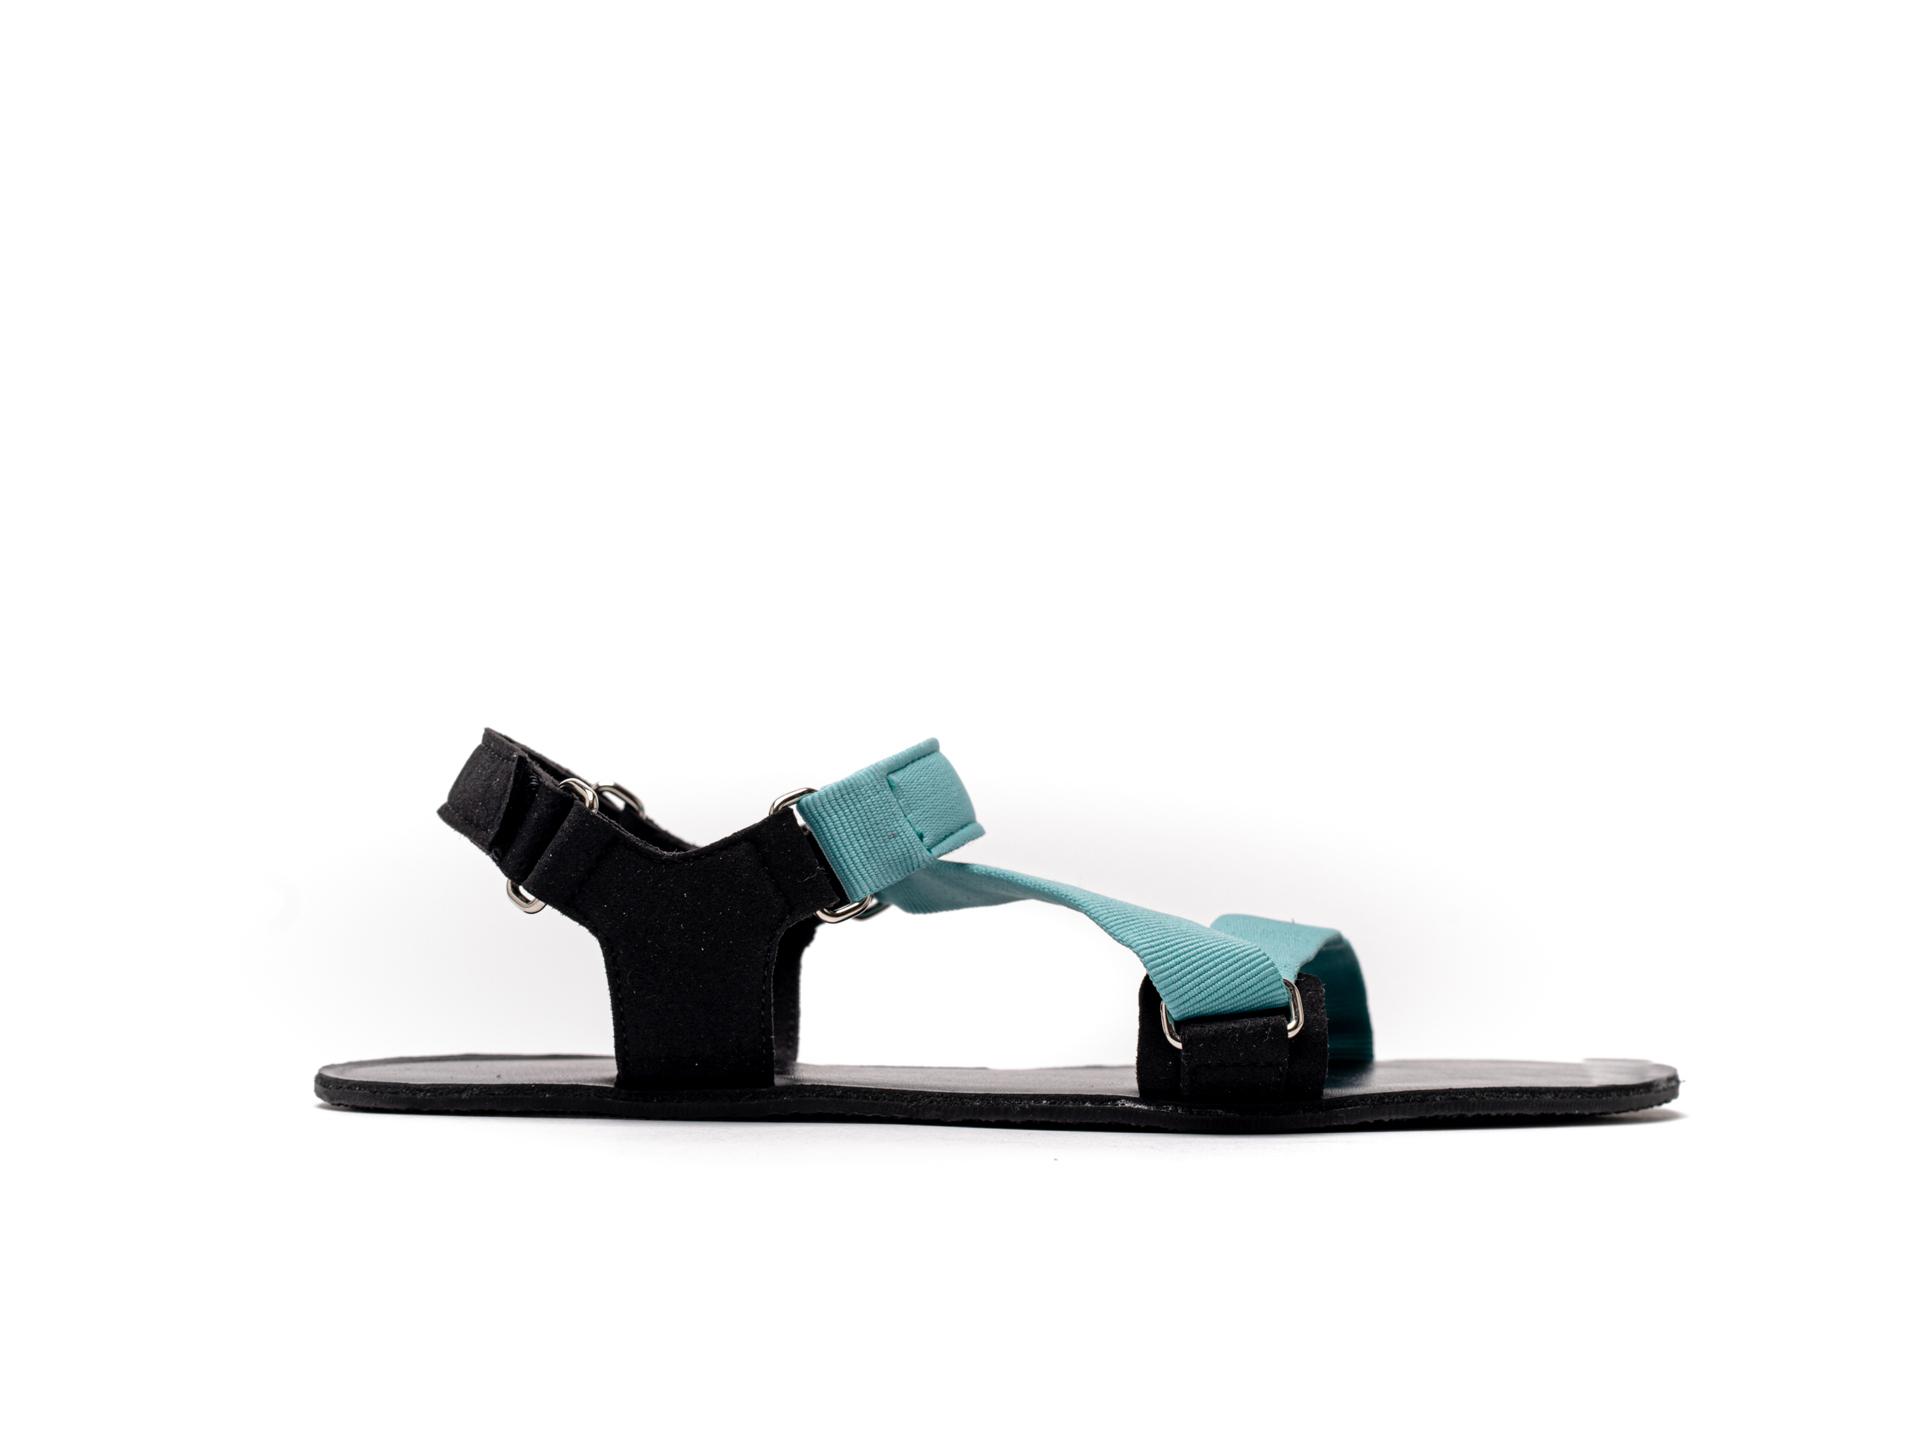 Barefoot Sandals - Be Lenka Flexi - Turquoise 36